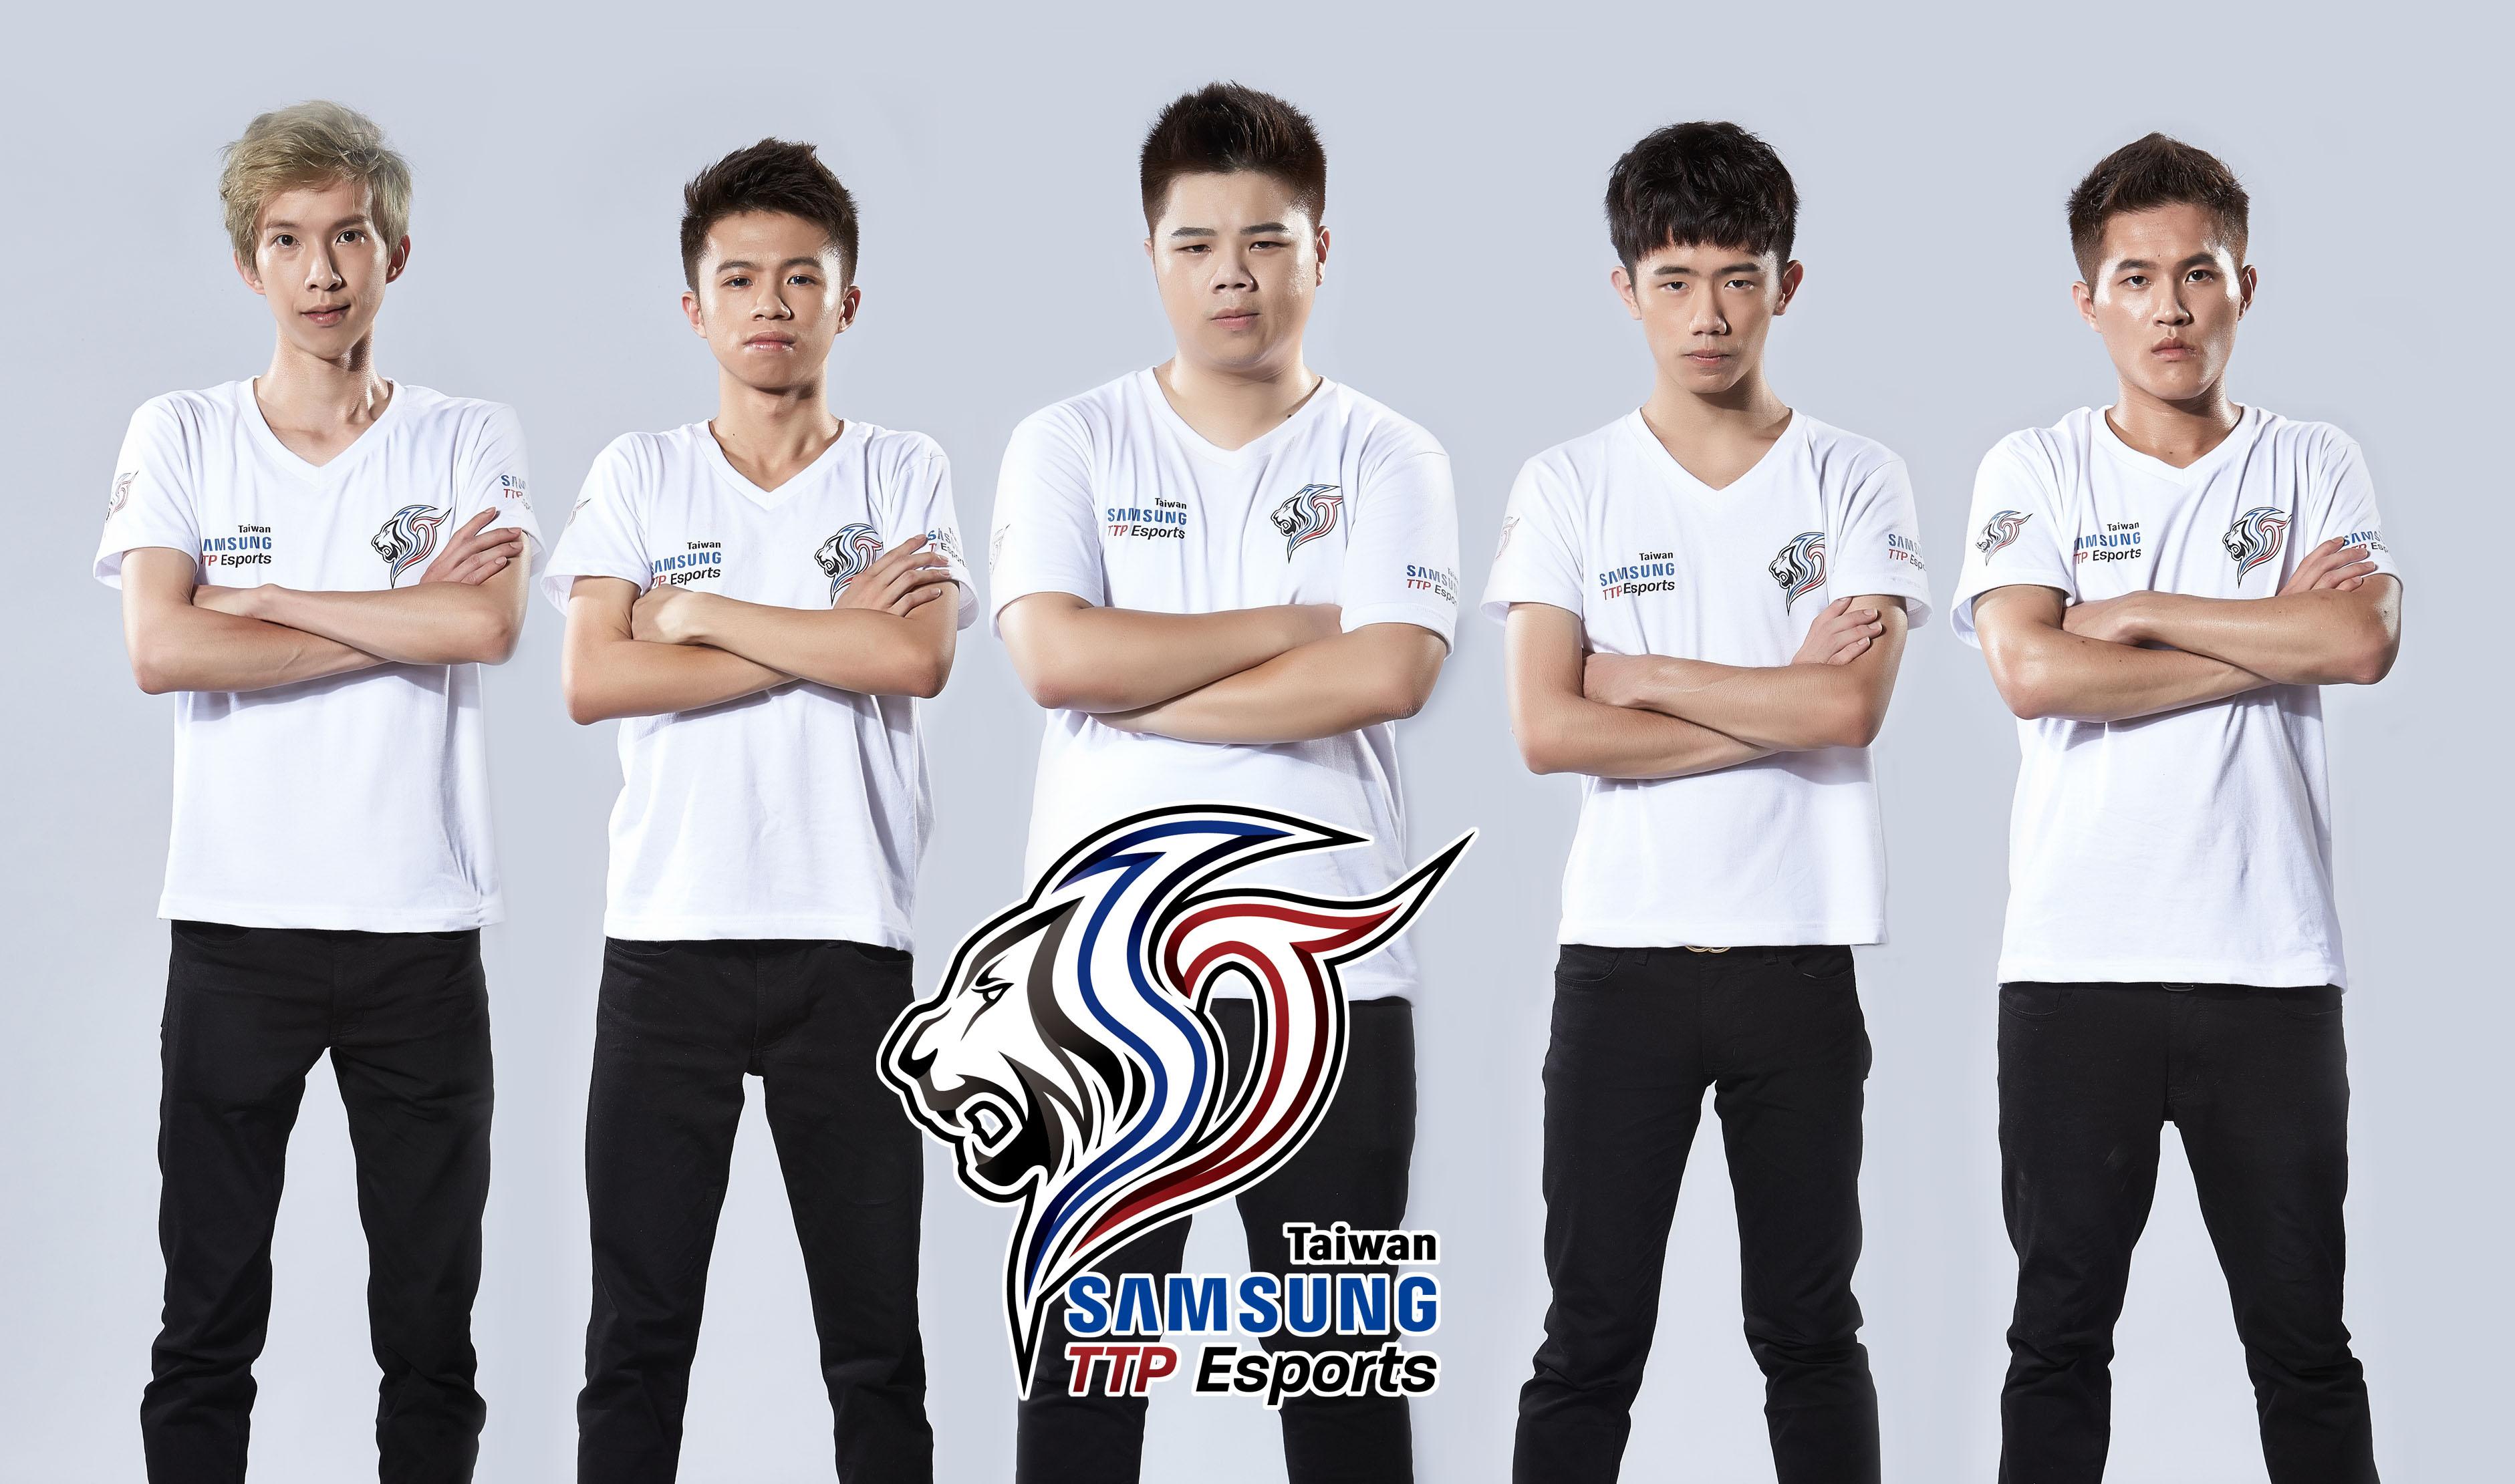 台灣三星跨足電子競技產業 成立首支職業電競戰隊Samsung TTP Esports